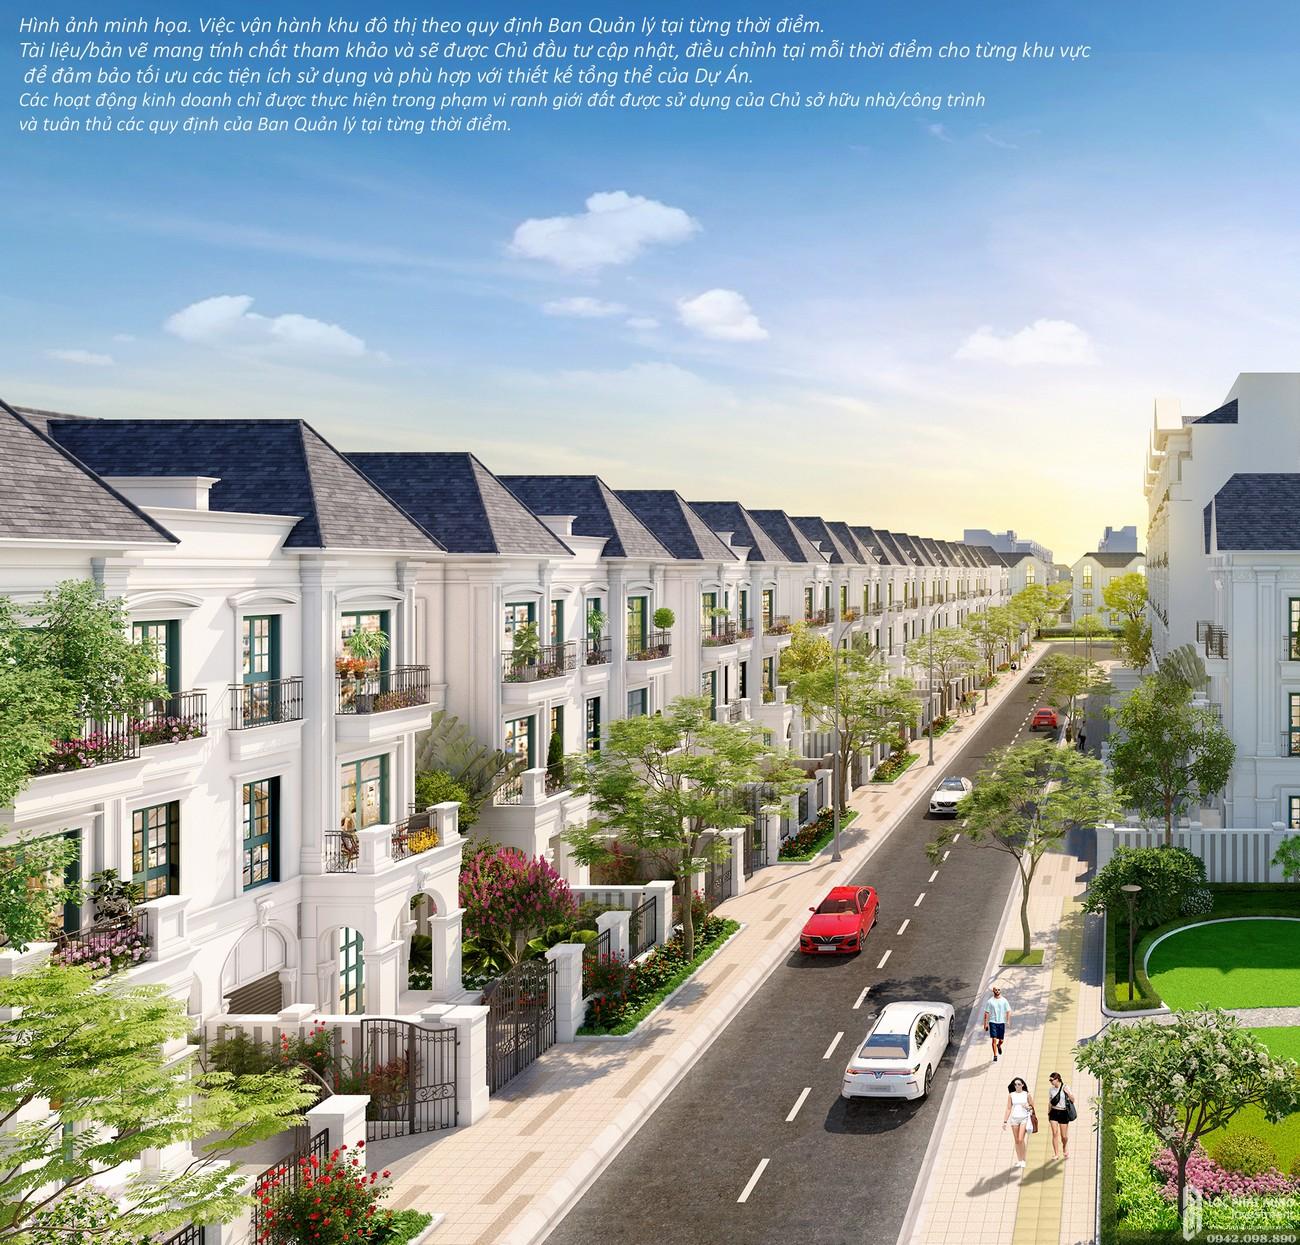 Mặt bằng dự án nhà phố The Manhattan Glory Quận 9 Đường Nguyễn Xiển chủ đầu tư Vingroup